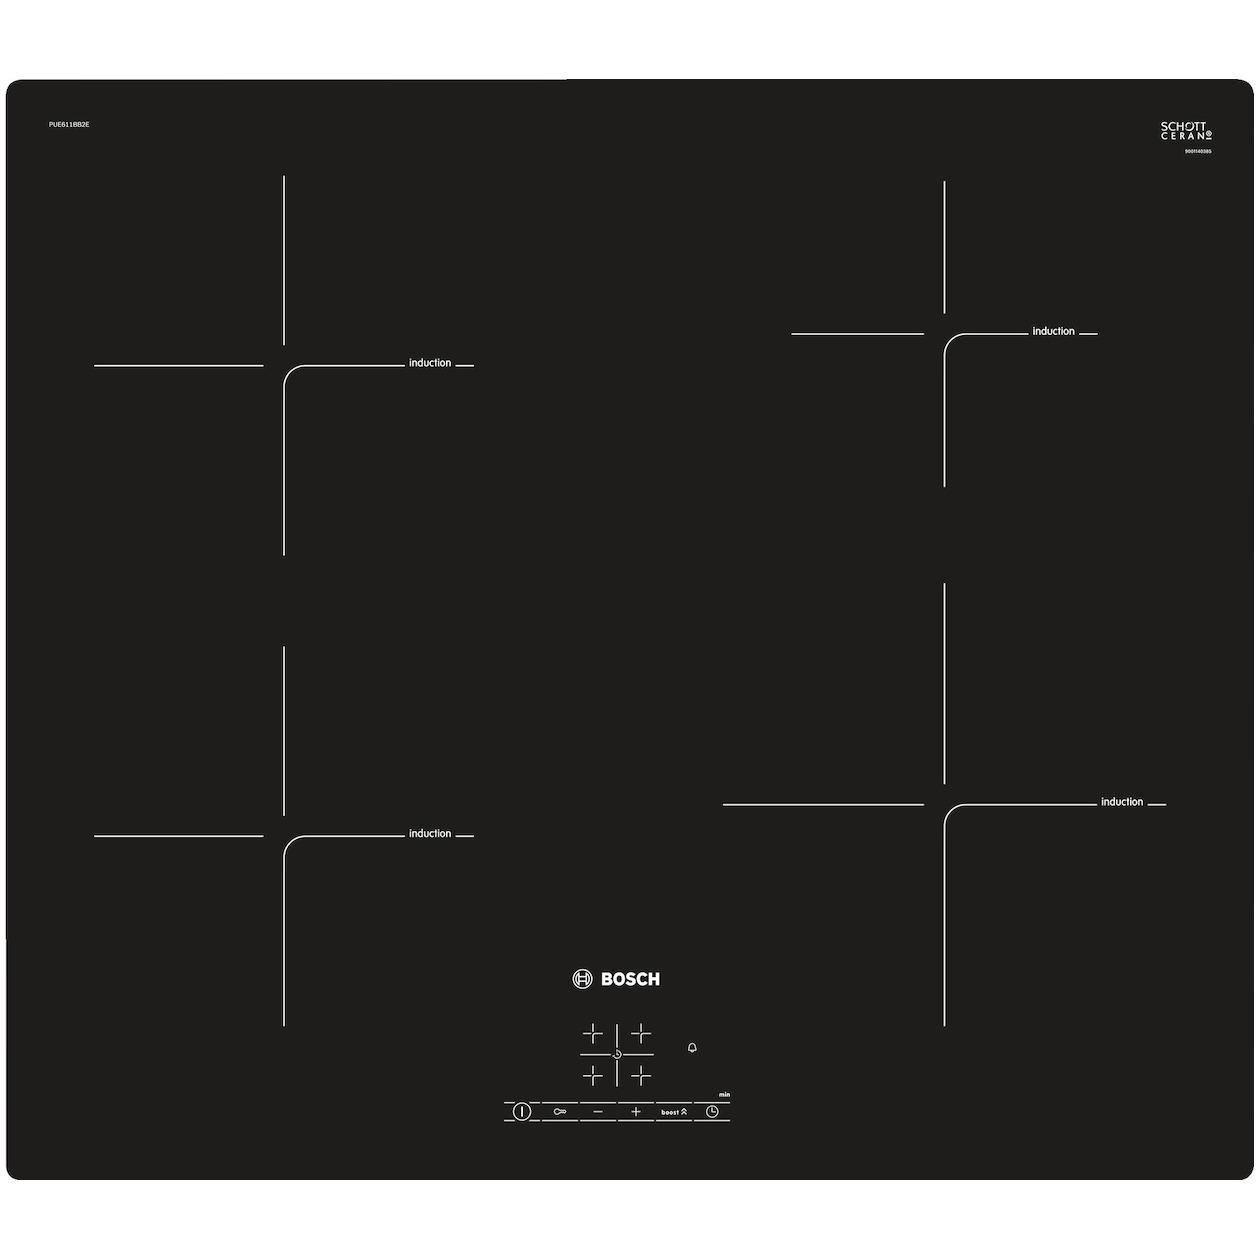 Bosch inductie inbouwkookplaat PUE611BB2E